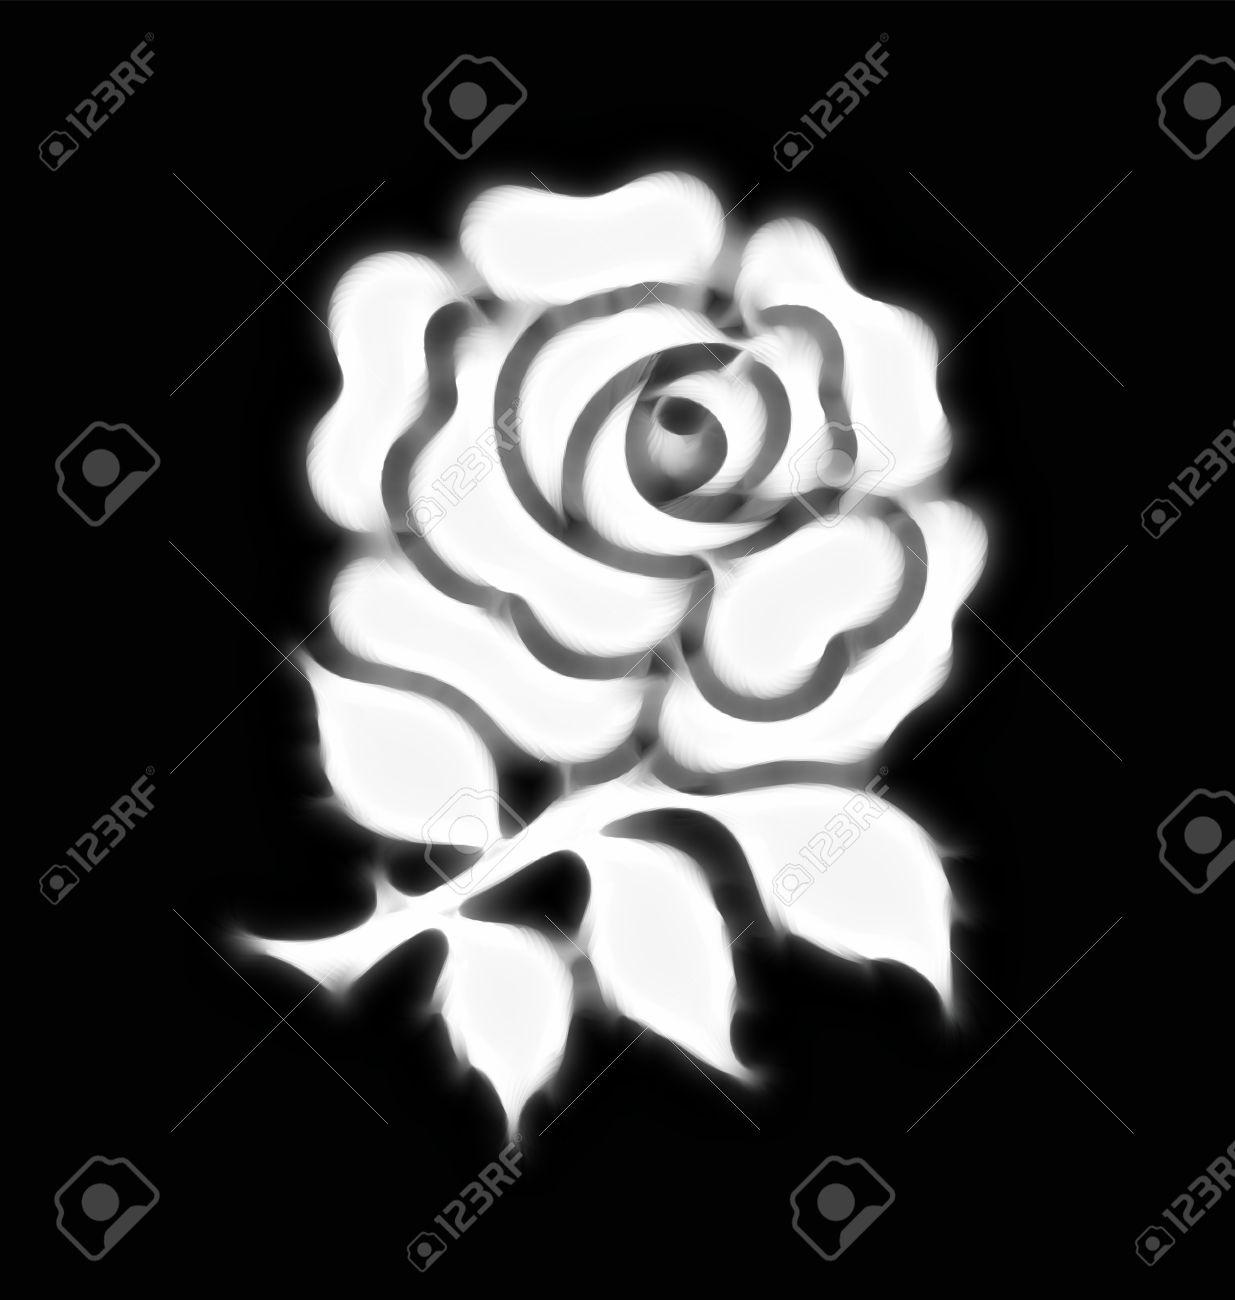 Abstract stylised national rose emblem of England on black background Stock Photo - 14129303